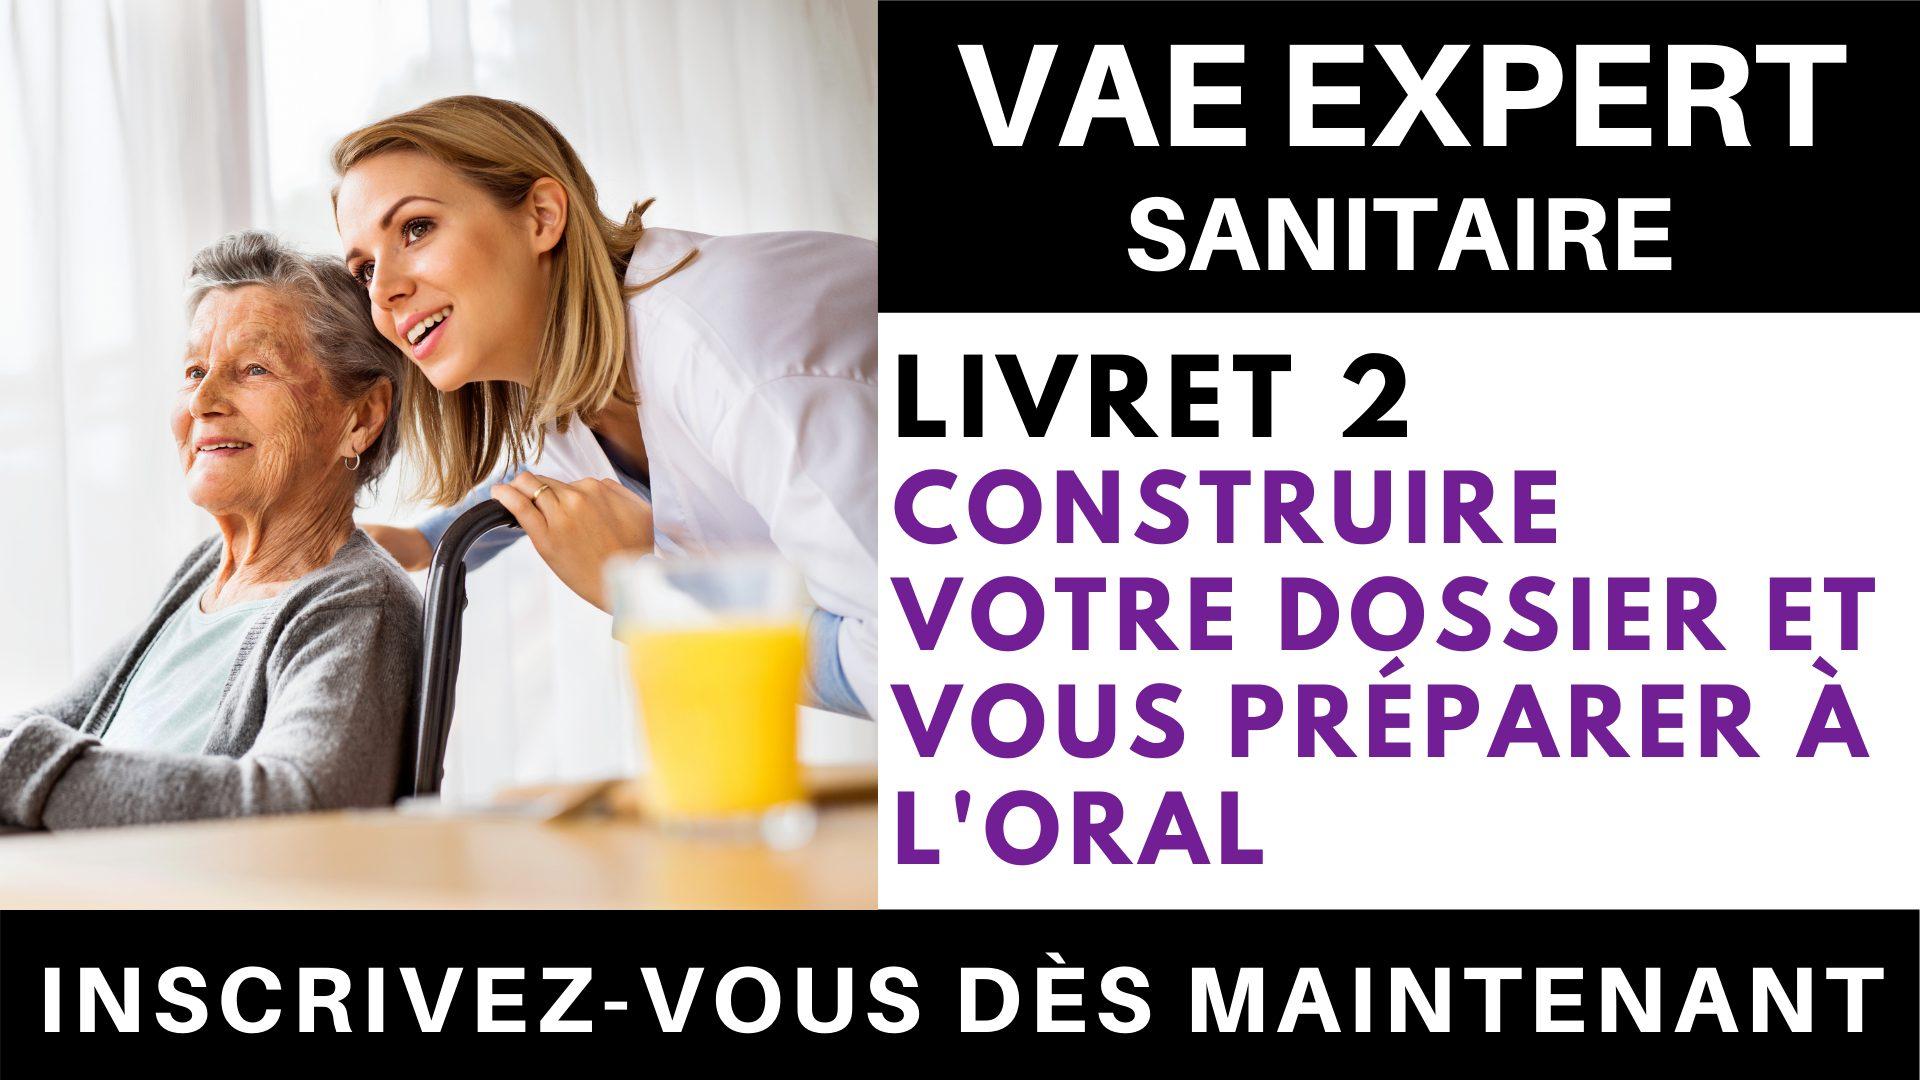 VAE EXPERT SANITAIRE - Livret 2 Construire votre dossier et vous préparer à l'oral